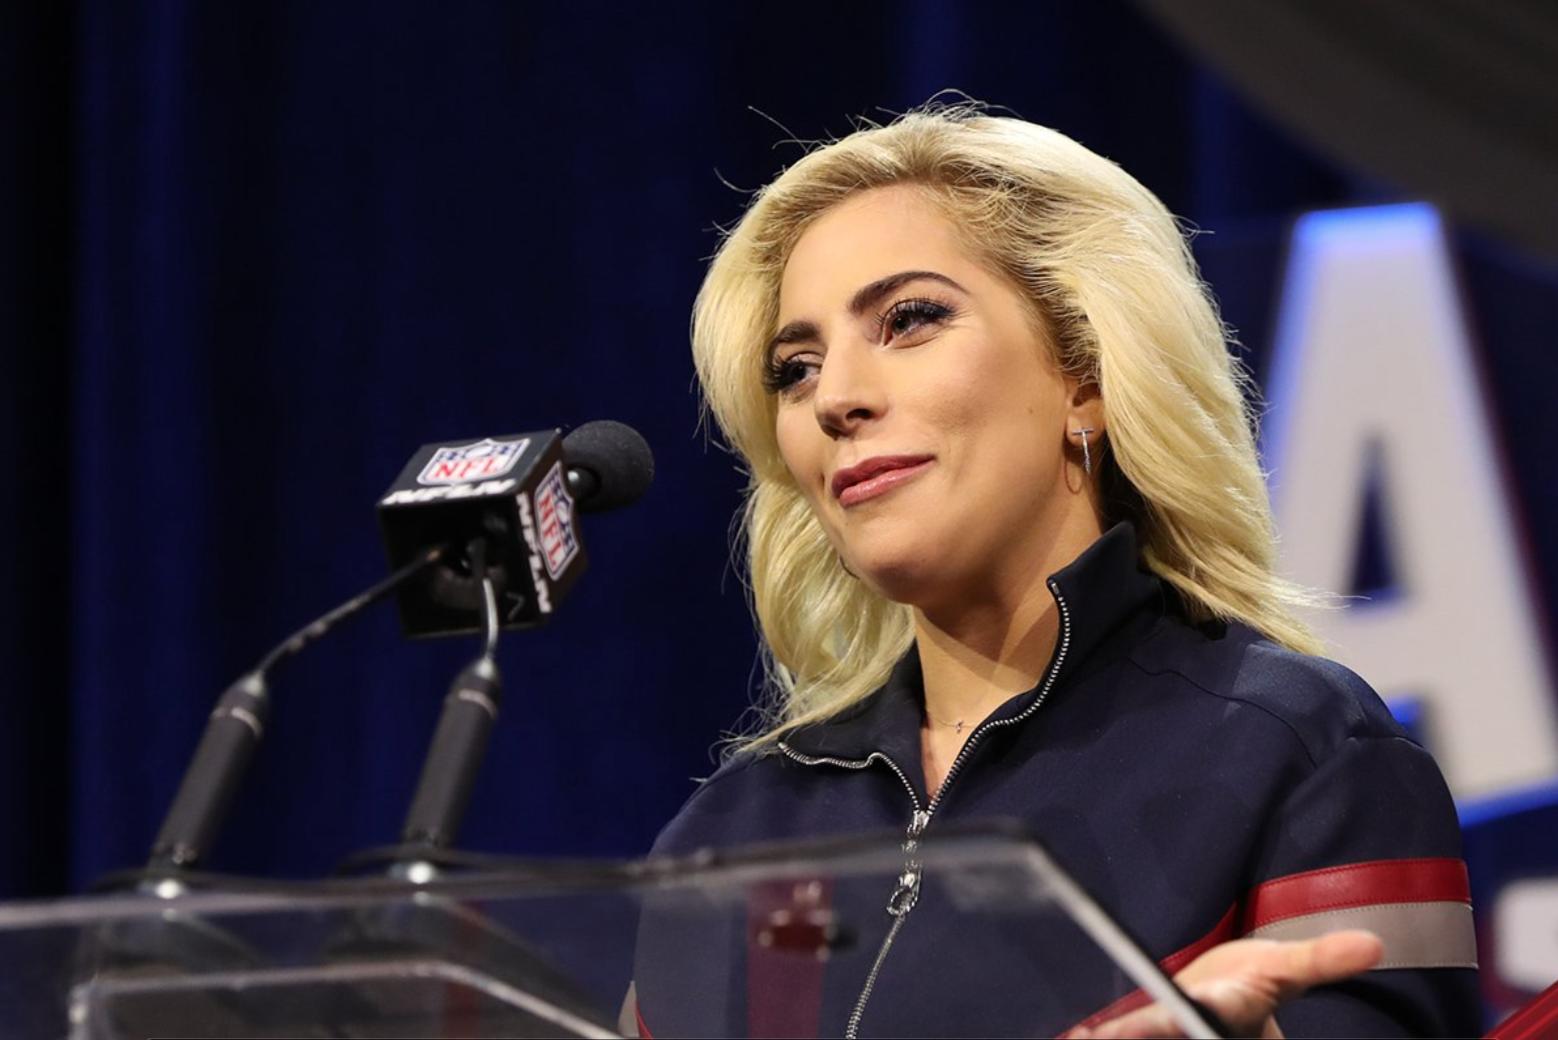 Super Bowl 2017 in Tv, su Italia1 il 5 febbraio: Lady Gaga super ospite della 51esima edizione